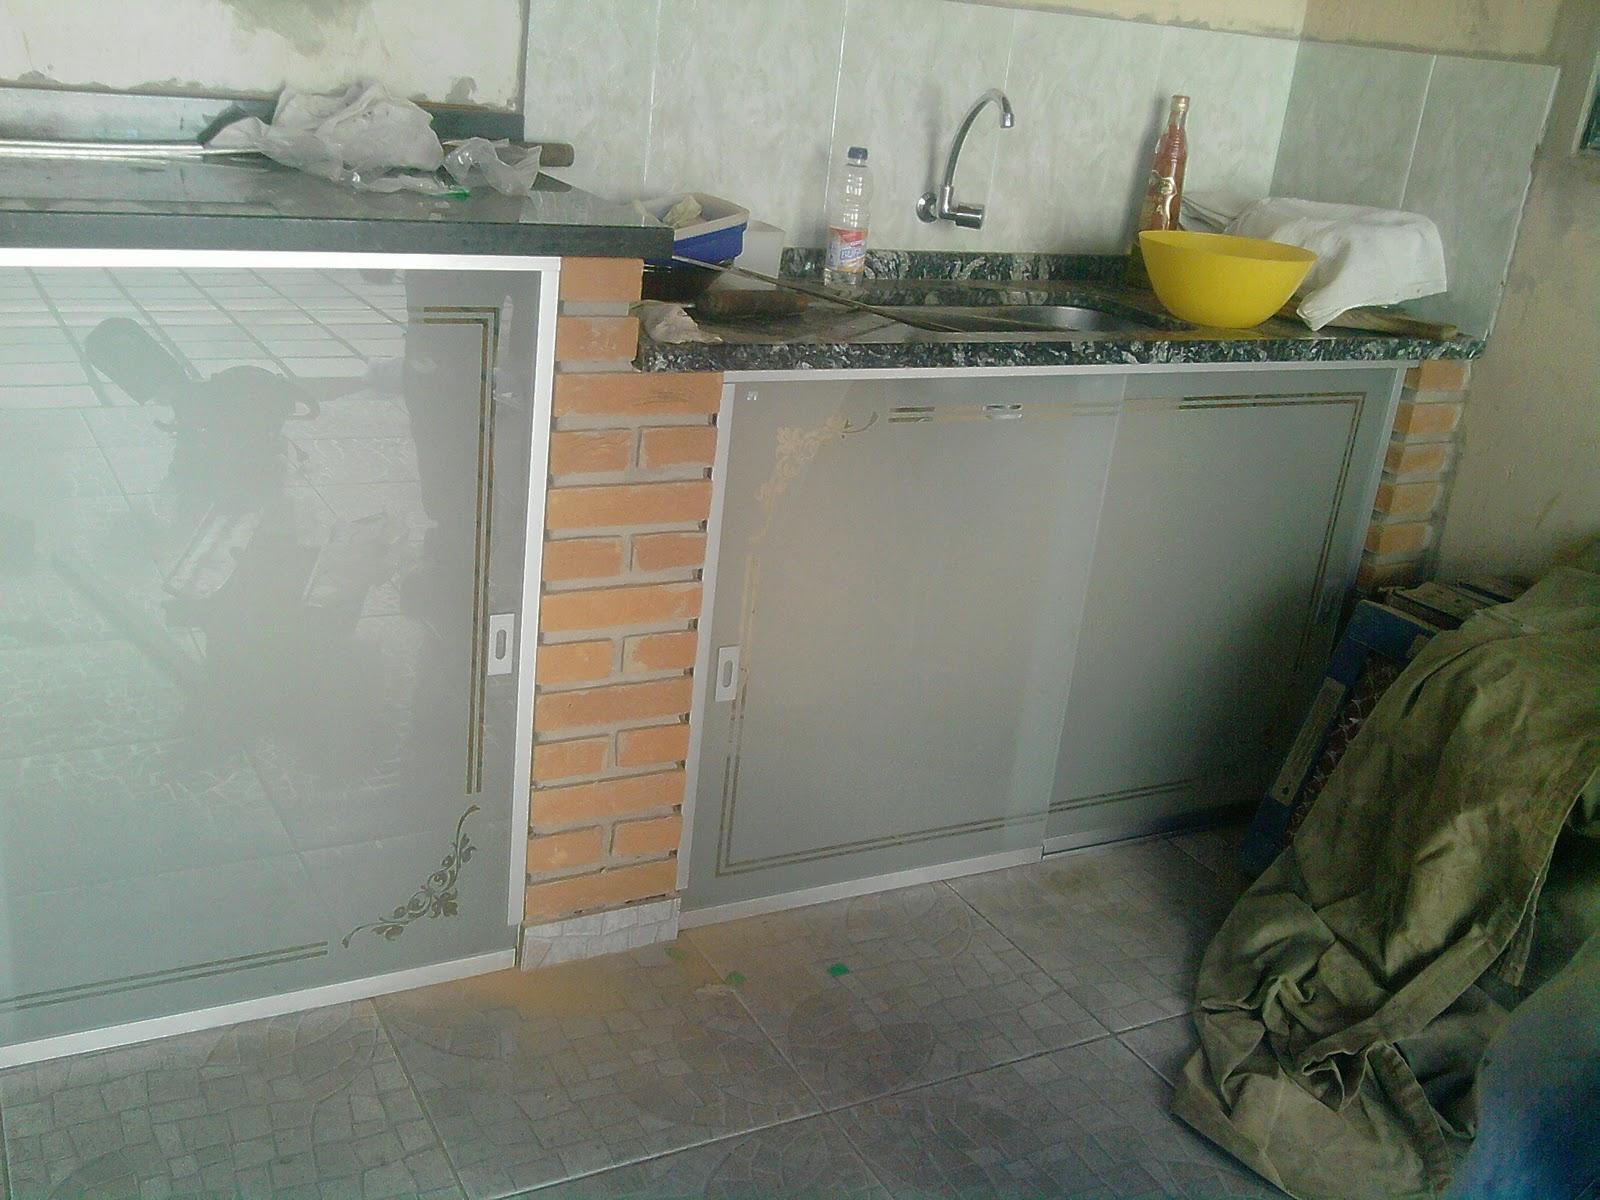 AF4 TEMPER VIDROS: Fechamento de pia com vidro jateado. #856546 1600x1200 Banheiro Com Box De Alvenaria